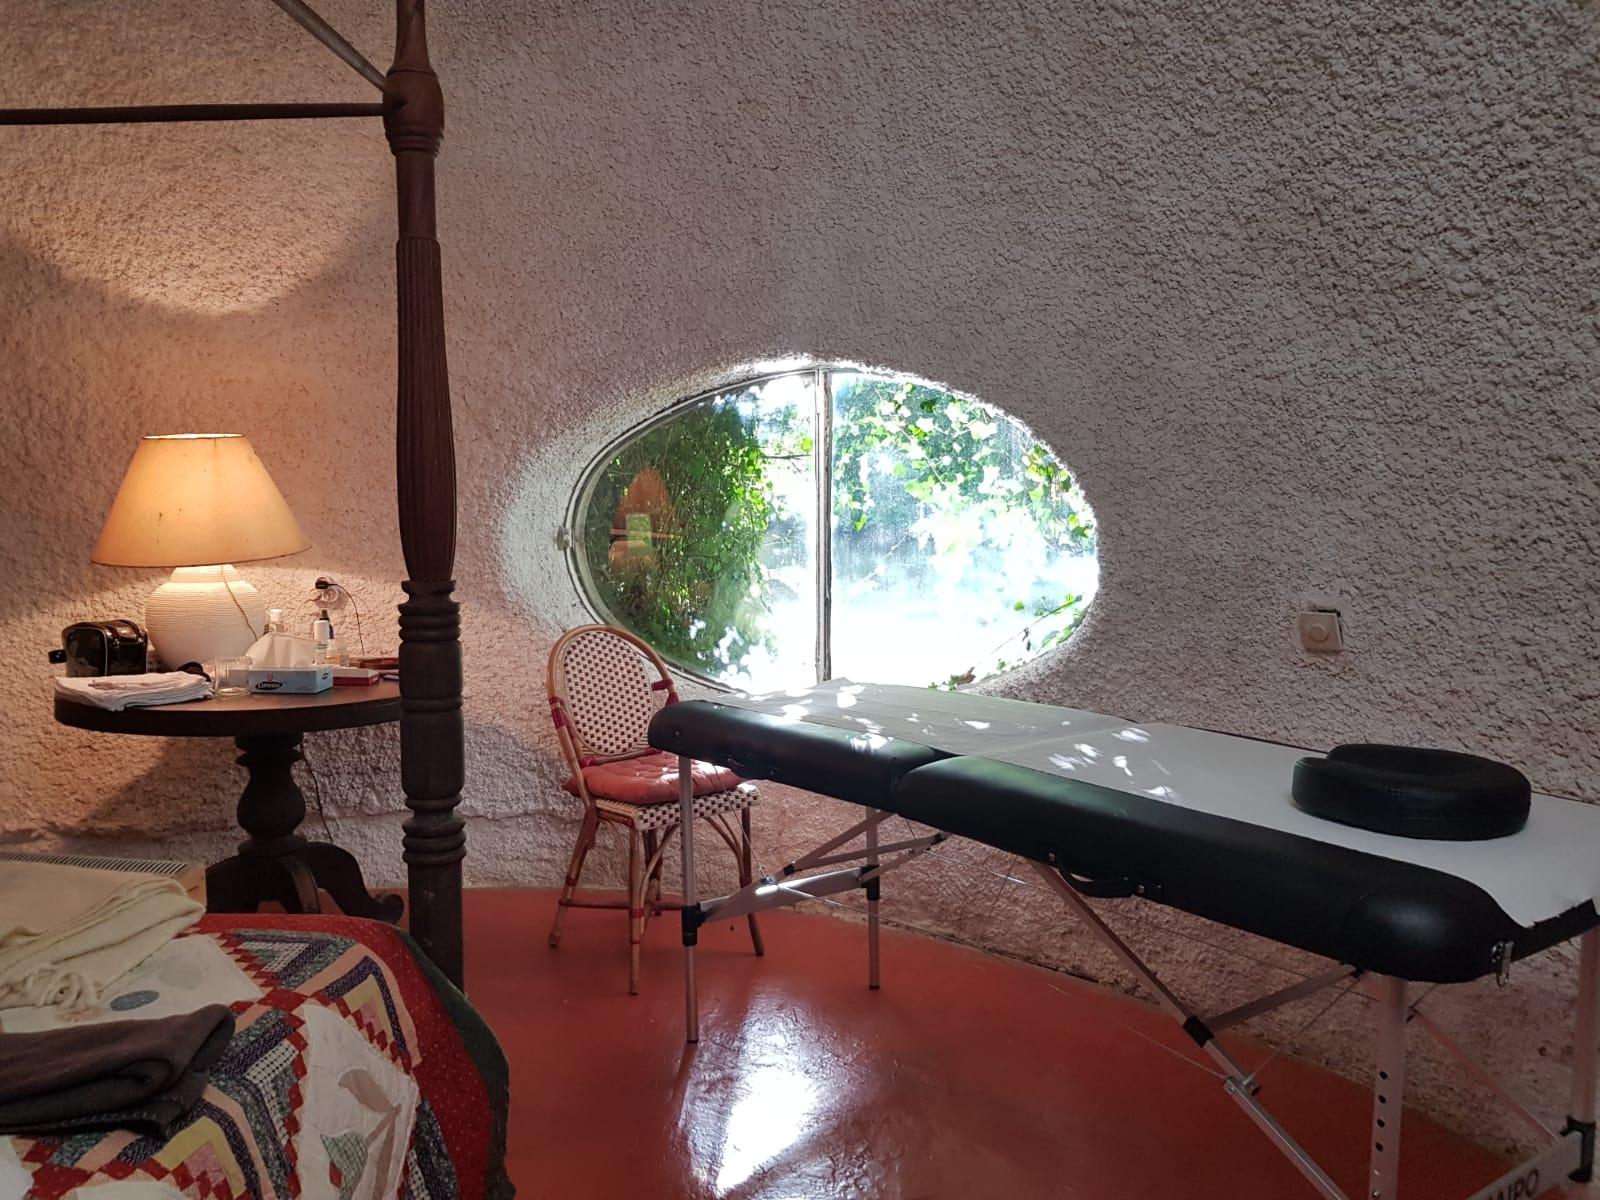 Les bulles Normandie - Mireille de Quillacq